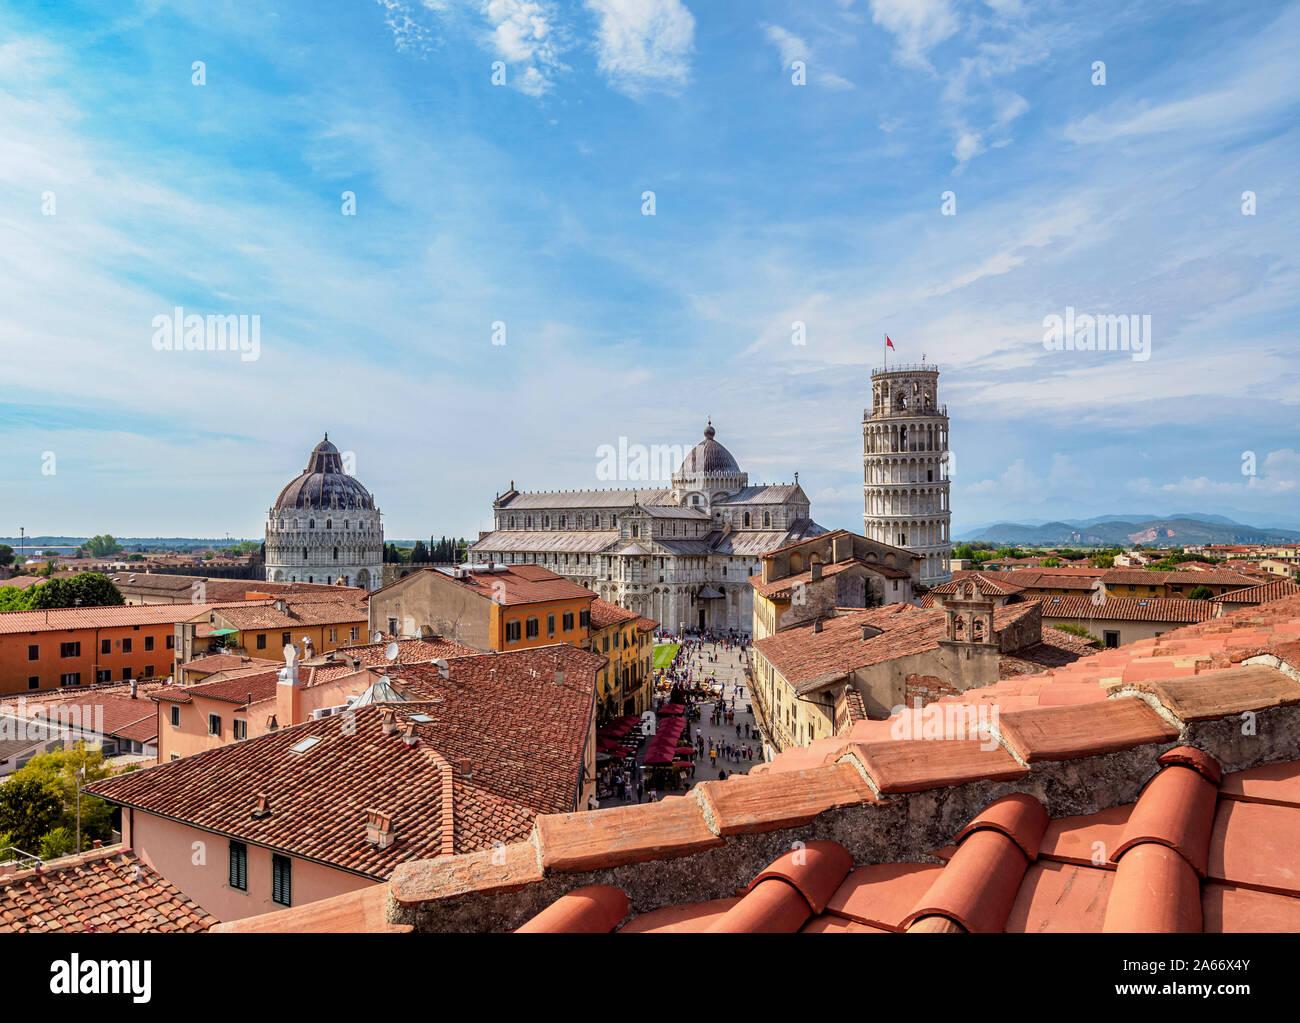 Vistas a la Via Santa Maria hacia la catedral y la Torre Inclinada de Pisa, Toscana, Italia Foto de stock